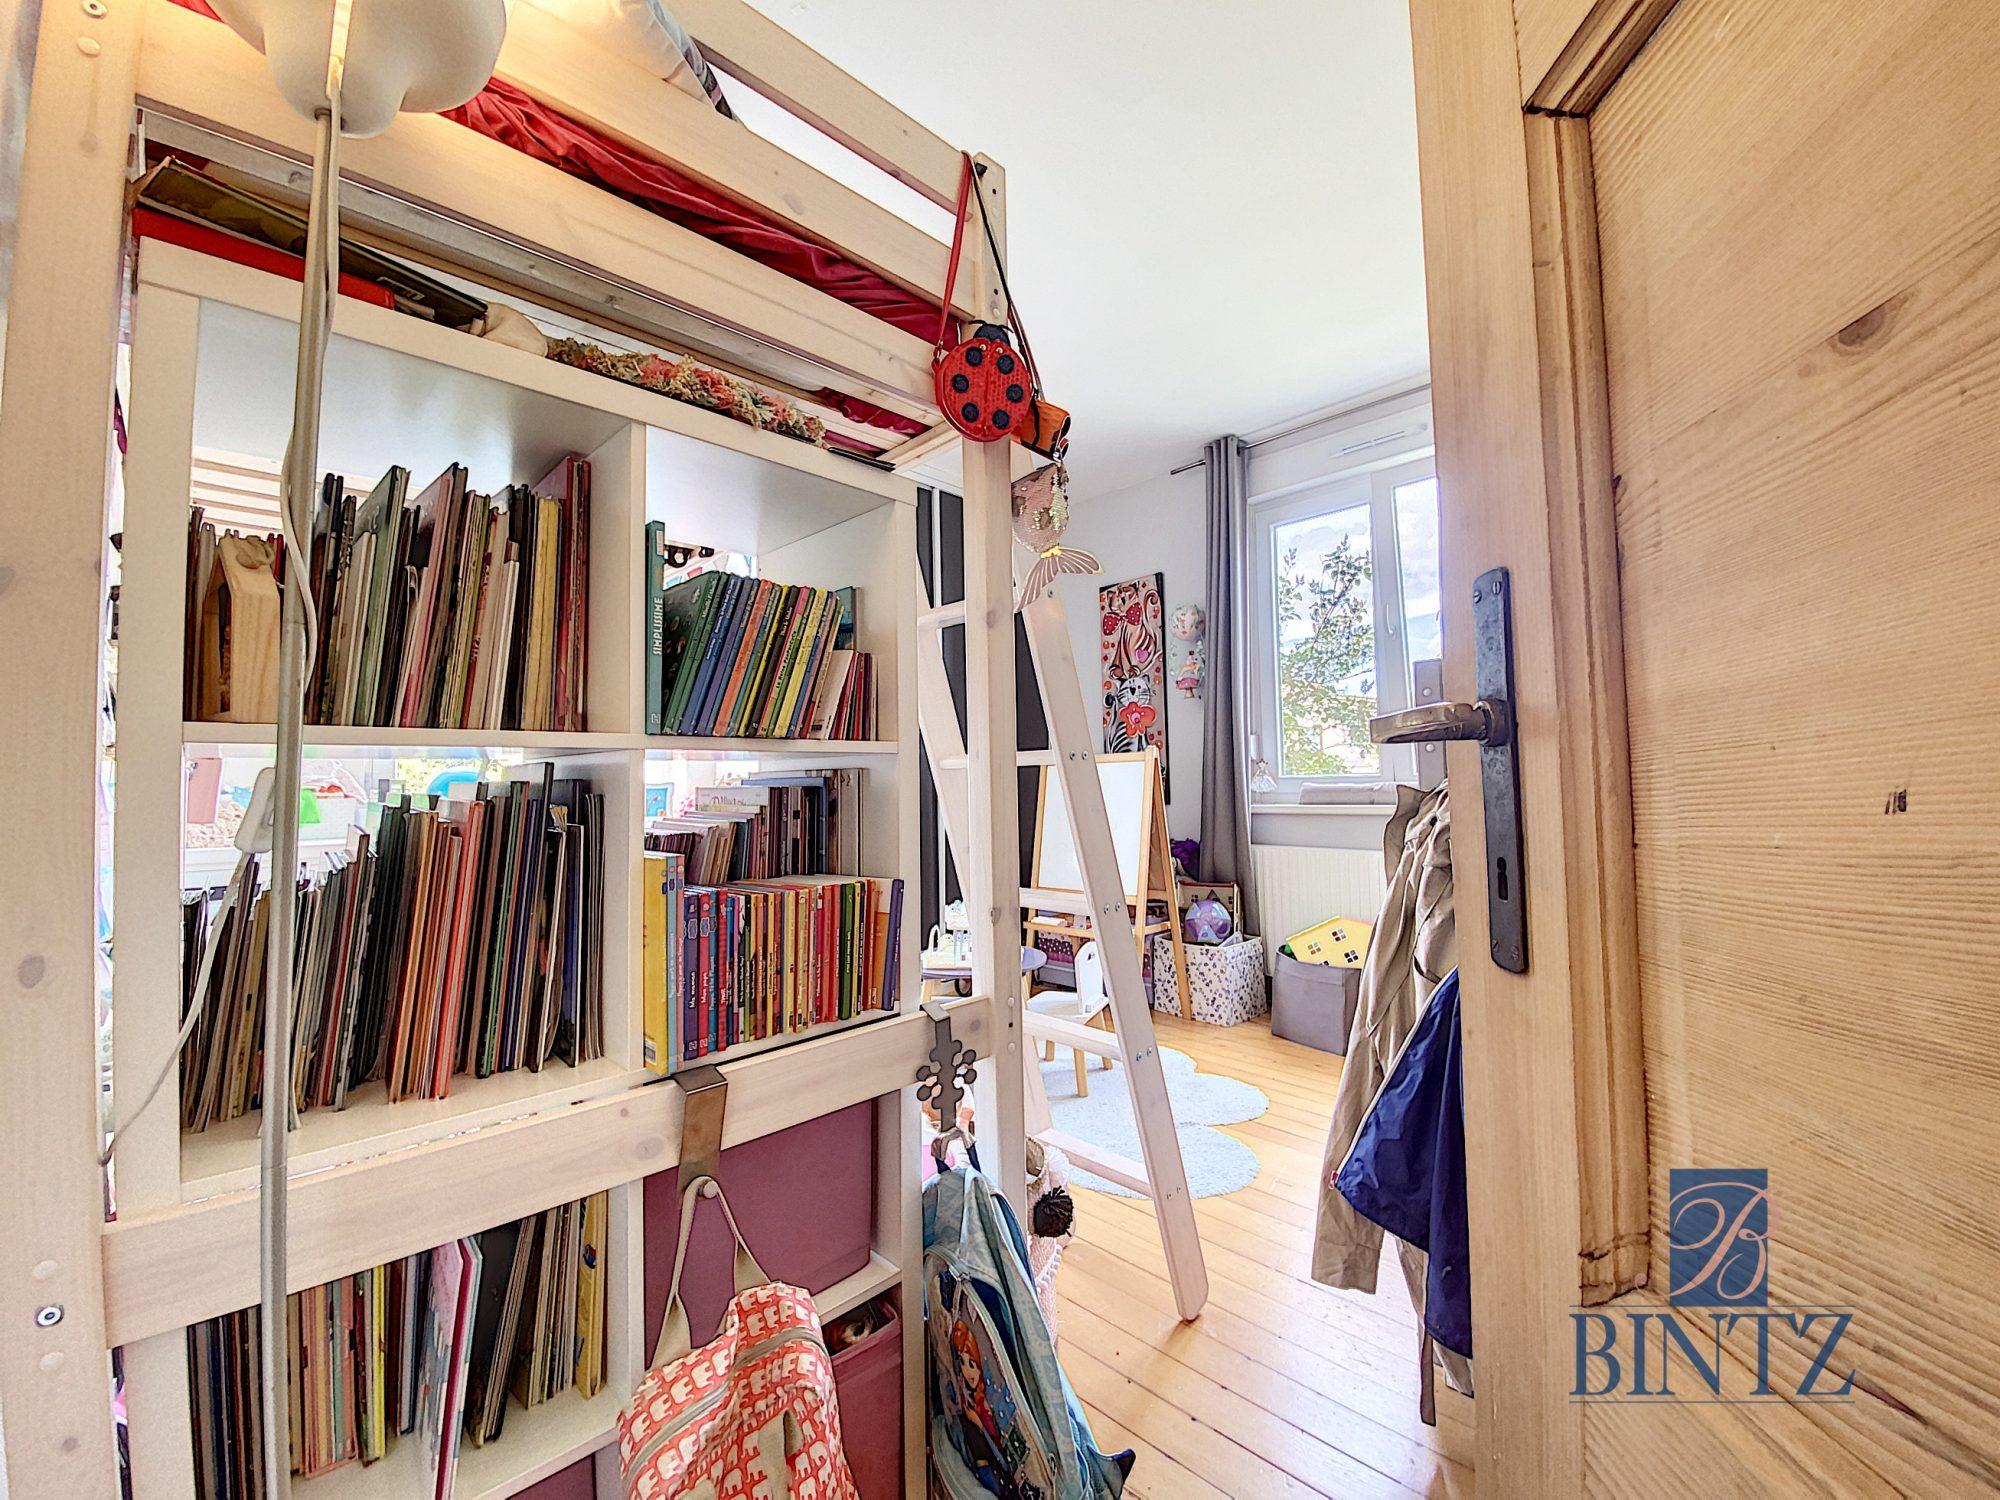 3 pièces avec terrasse à la Robertsau - Devenez propriétaire en toute confiance - Bintz Immobilier - 13